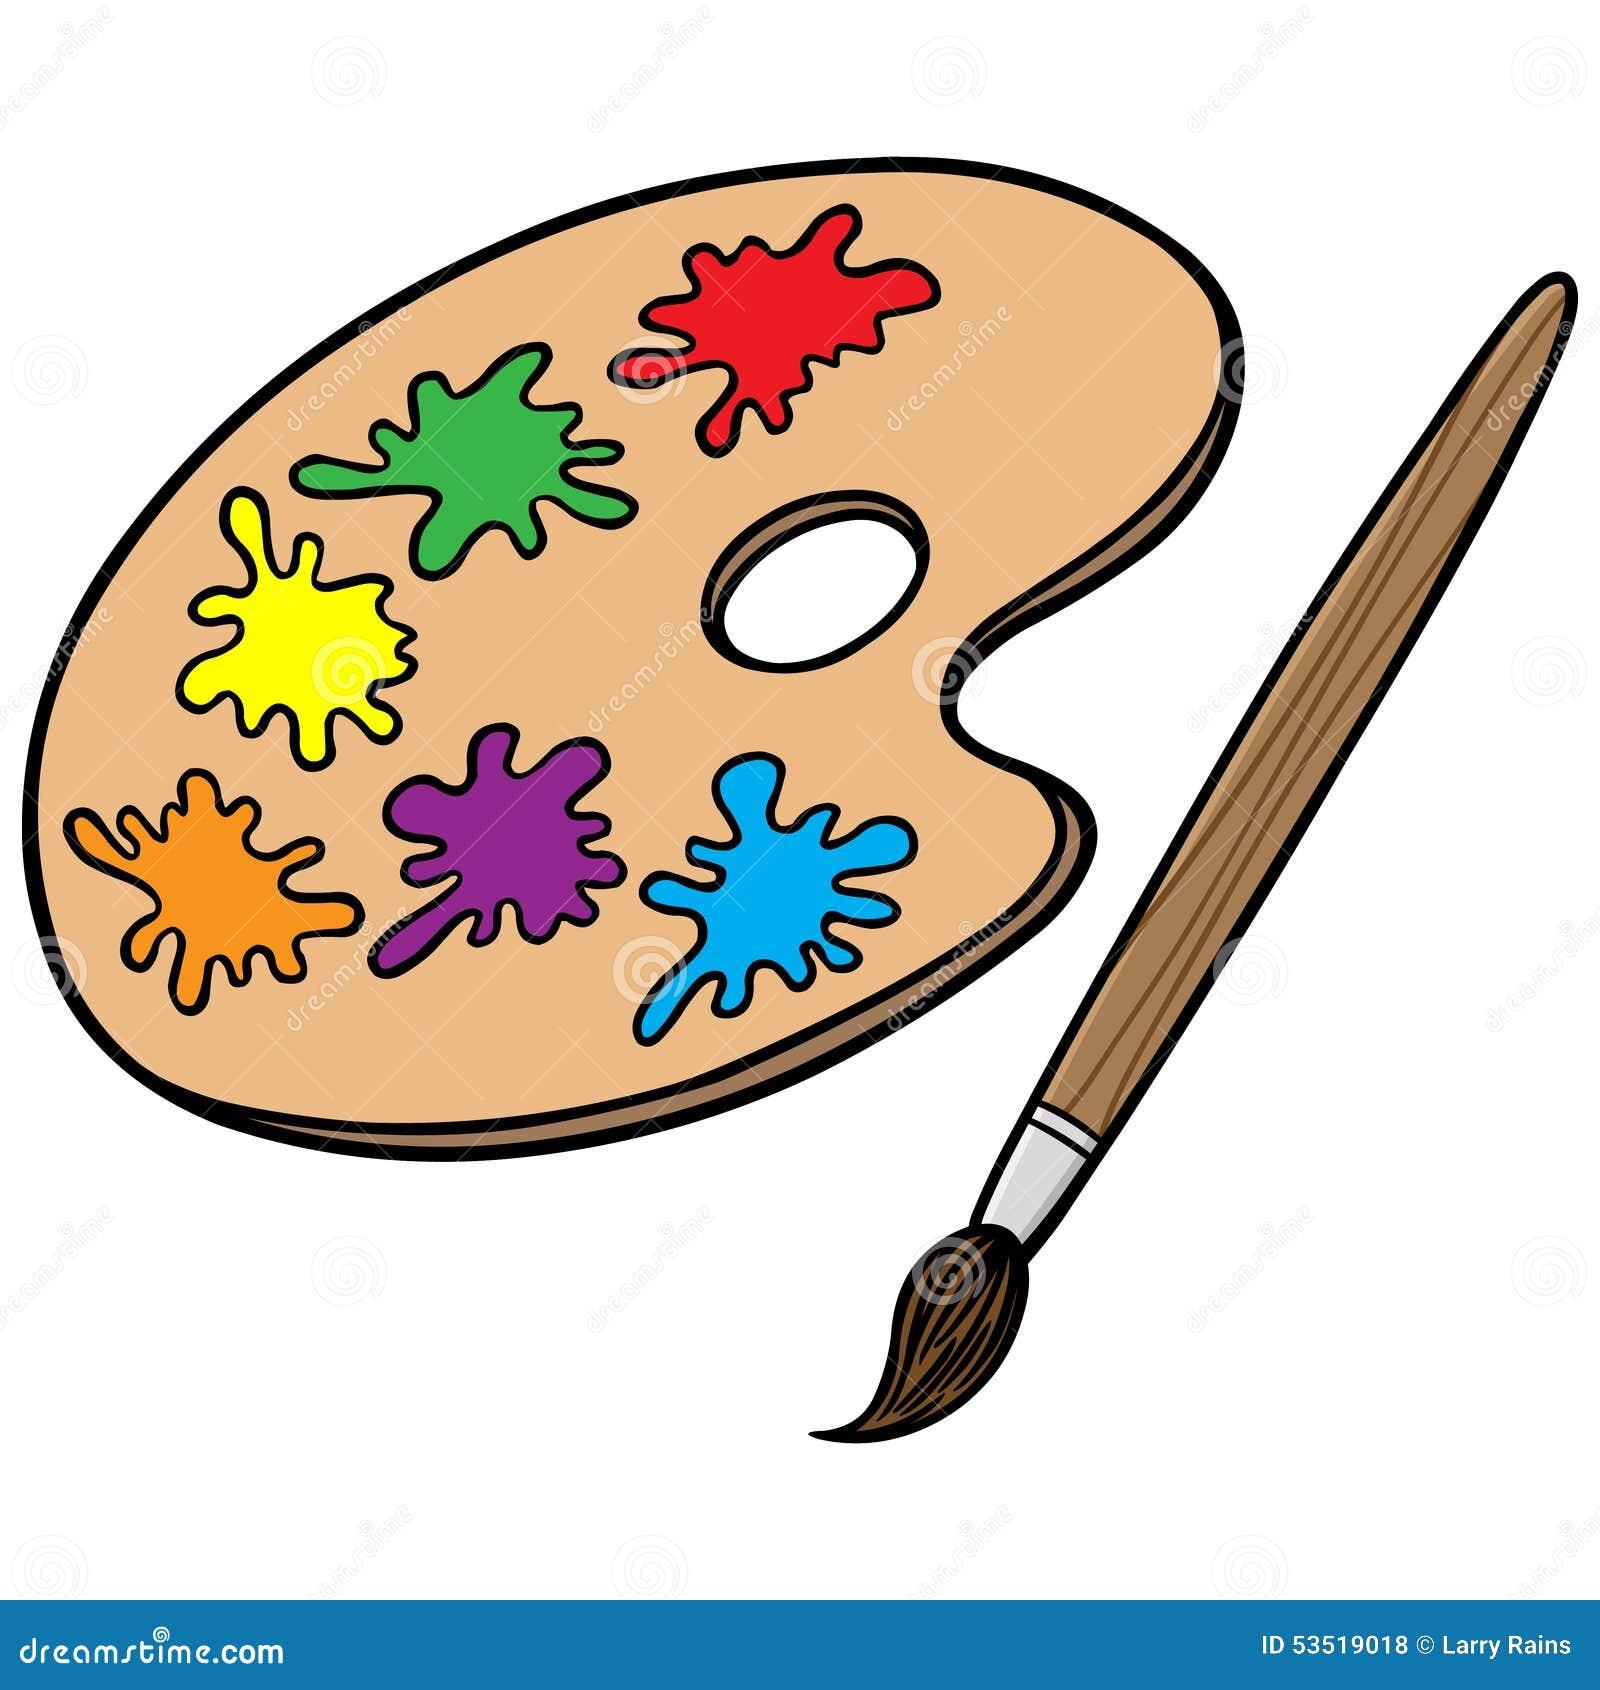 Paint Pallet And Art Equipment Cartoon